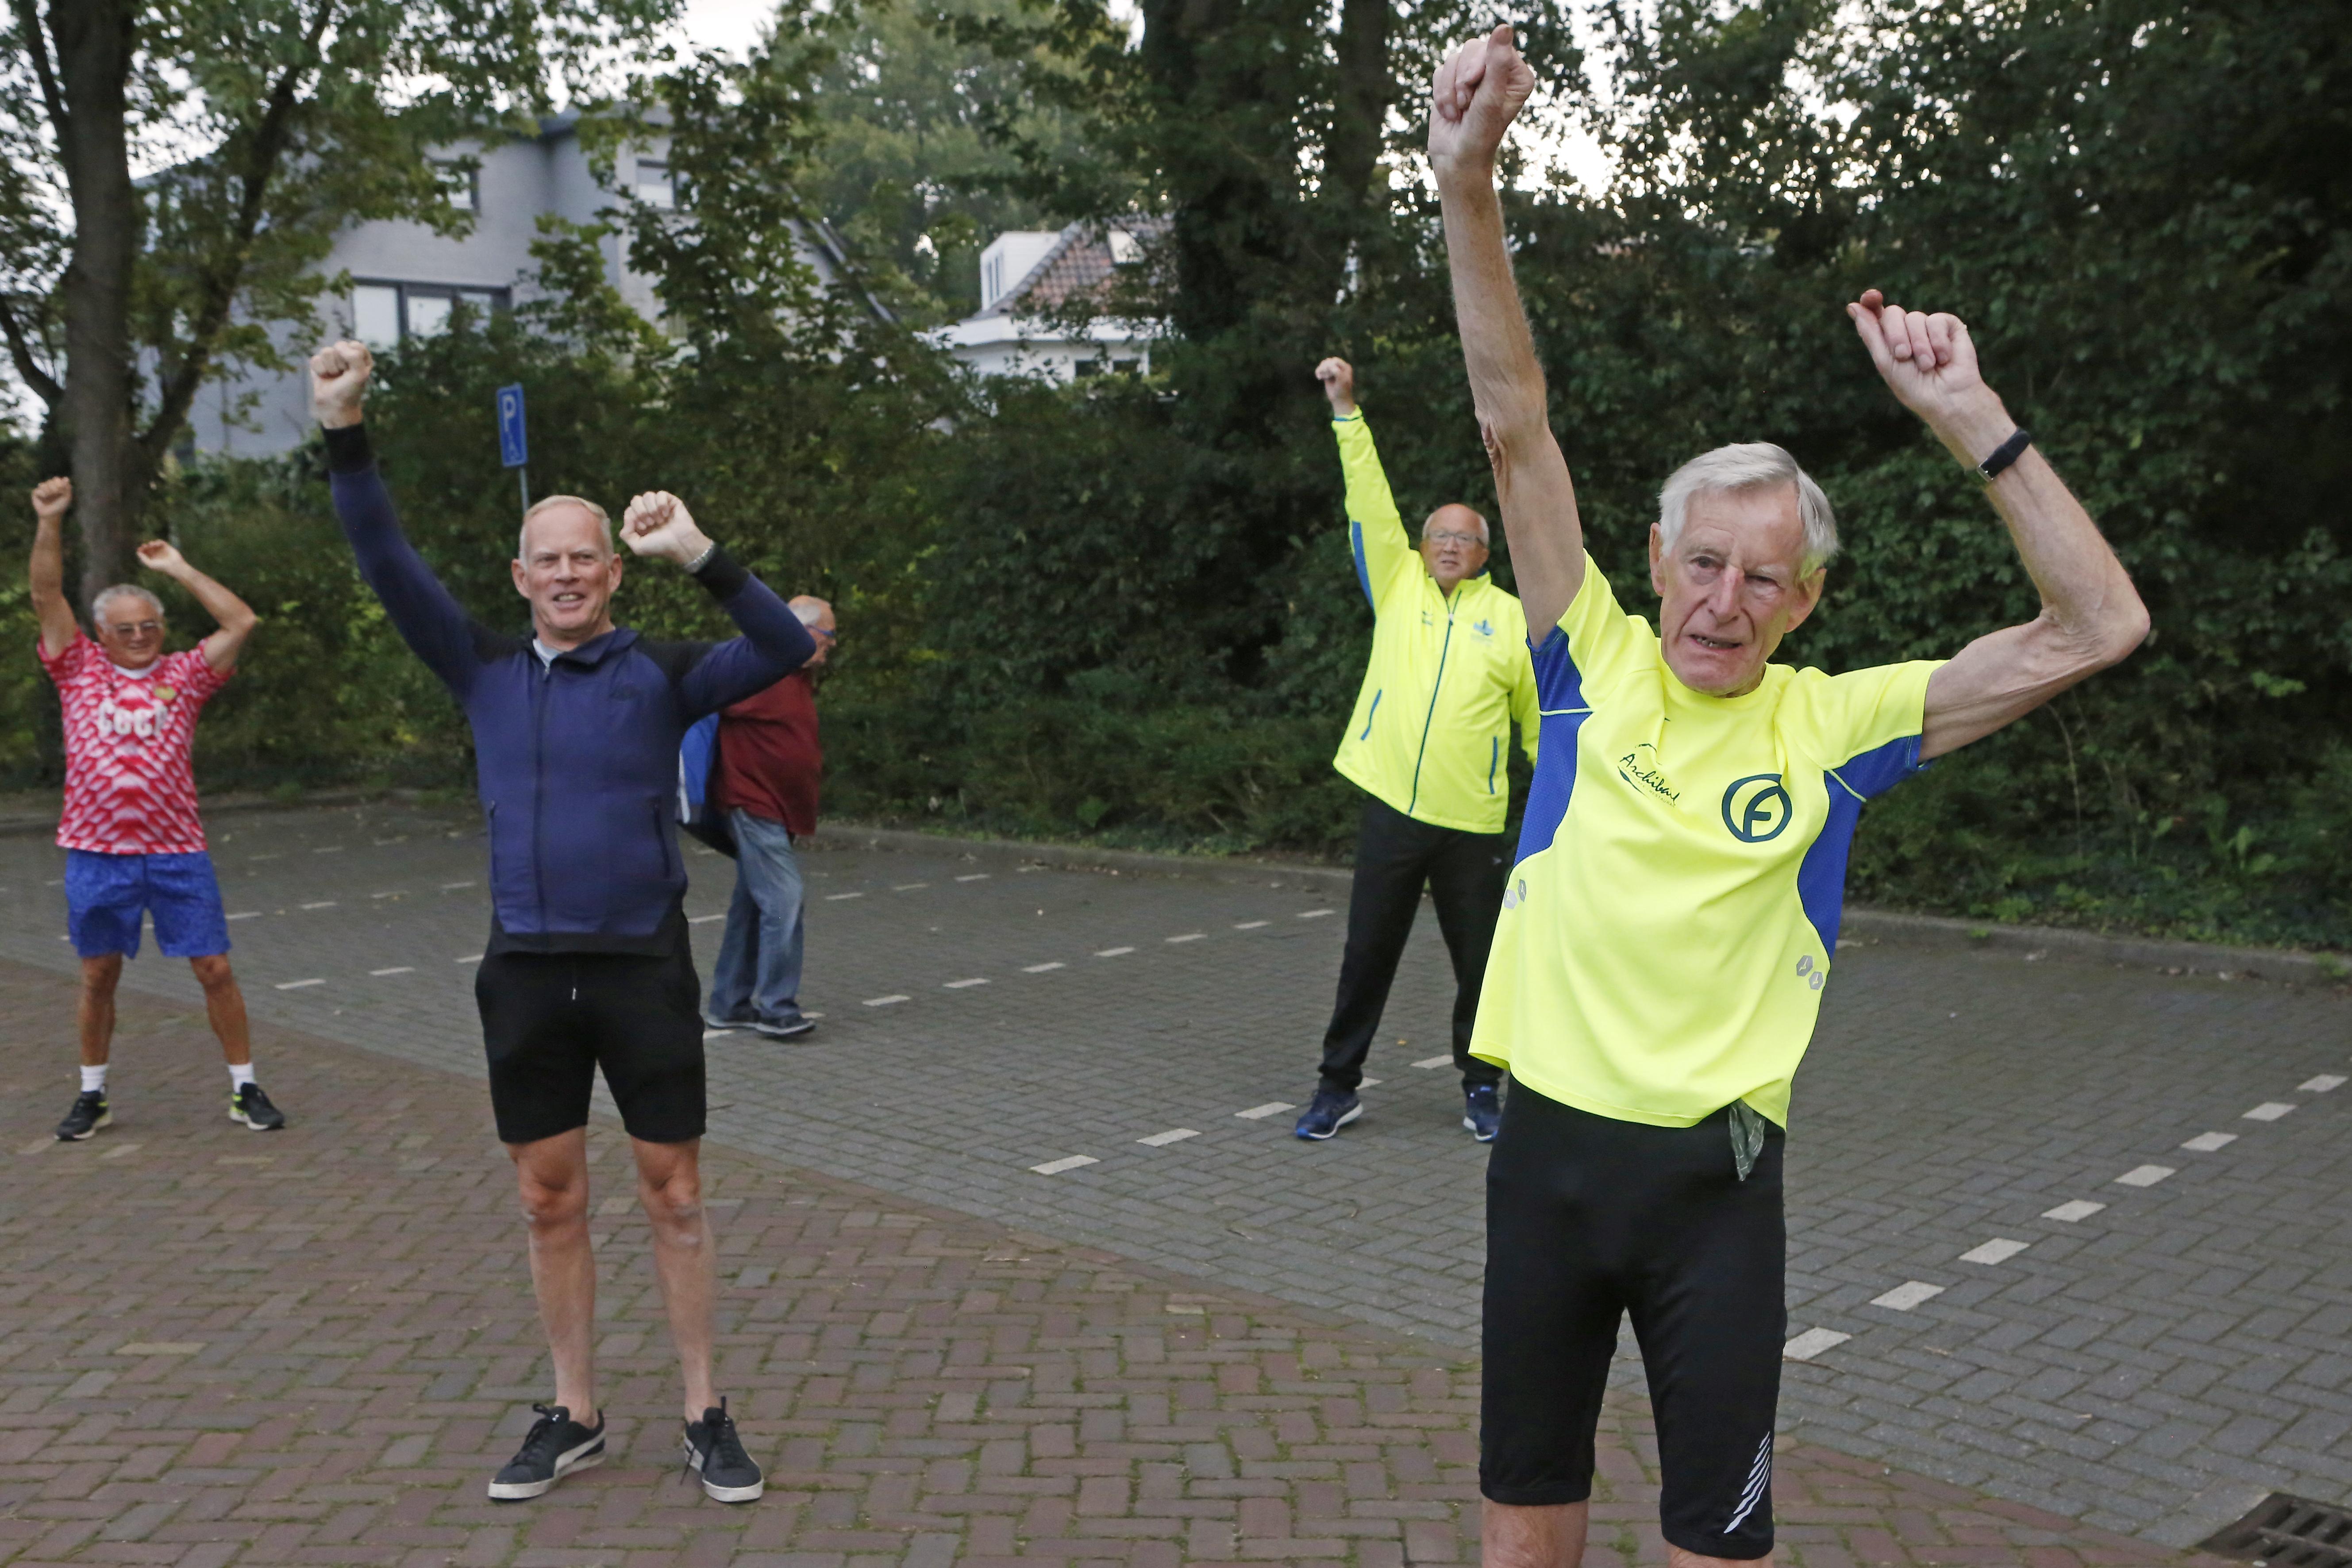 Muiderbergse trim-icoon Maarten van der Veer (83) krijgt bij zijn afscheid koninklijke onderscheiding